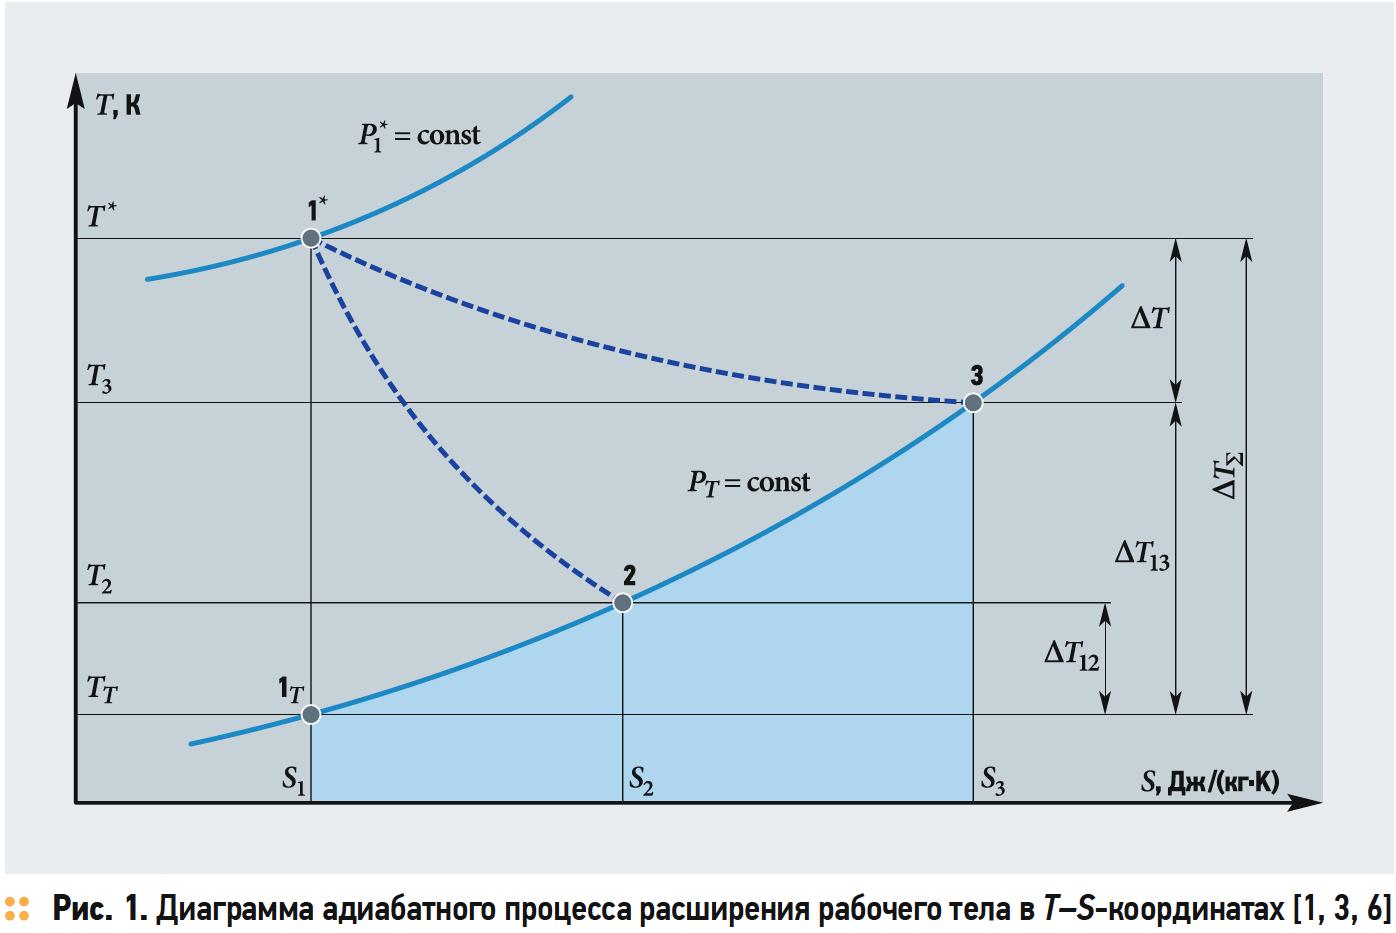 Анализ адиабатного процесса расширения рабочего тела в открытой термодинамической системе с помощью тепловой диаграммы в T–S-координатах. 1/2019. Фото 1